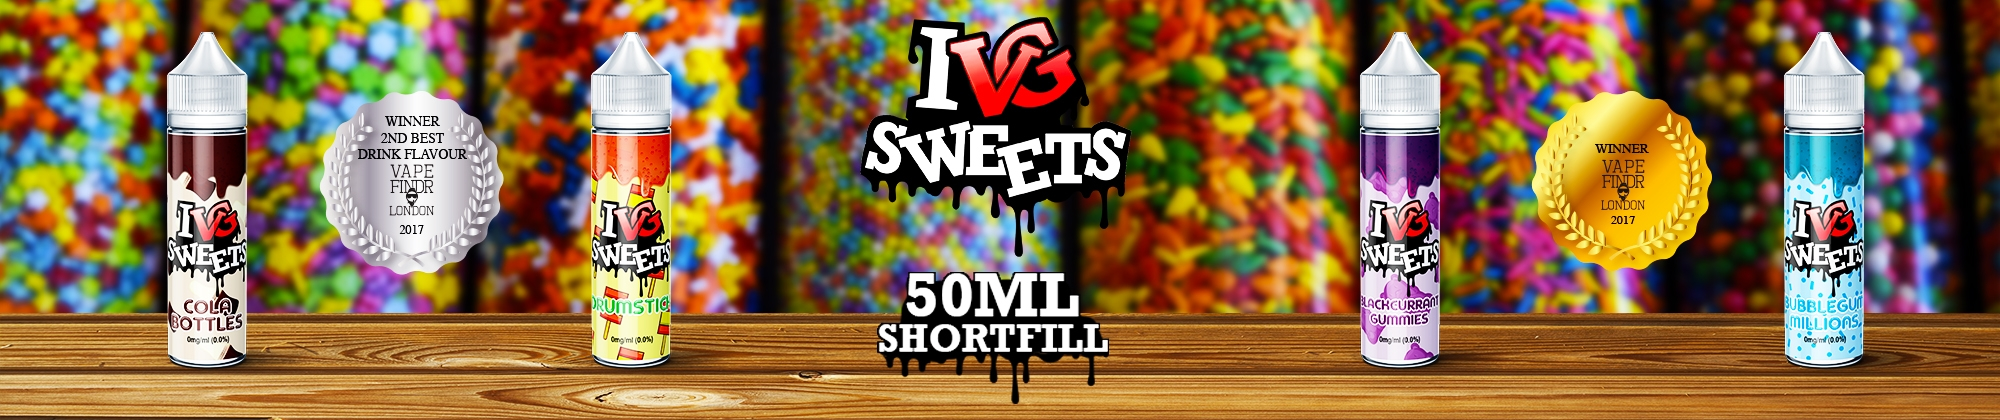 I Like Sweets